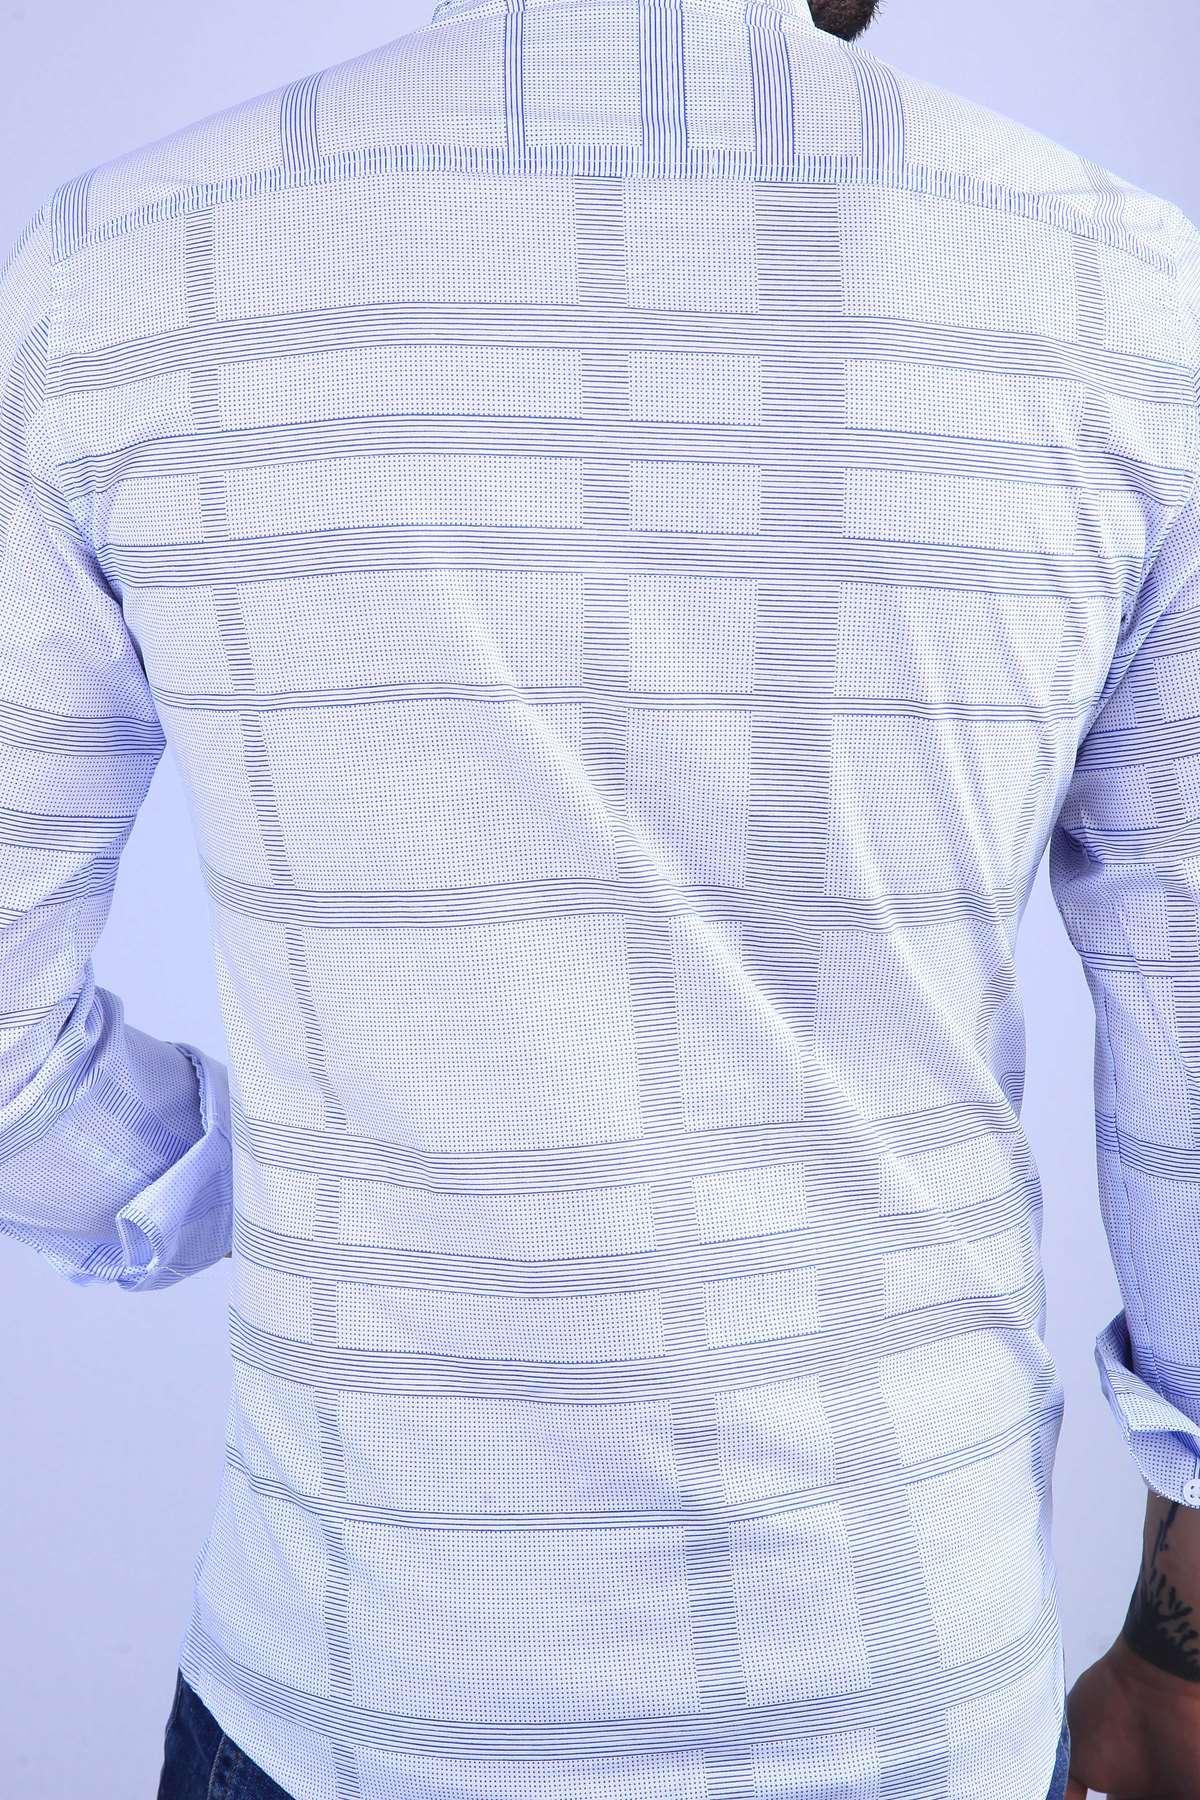 Noktalı Çizgi Desenli Klasik Yaka Slim Fit Gömlek Mavi